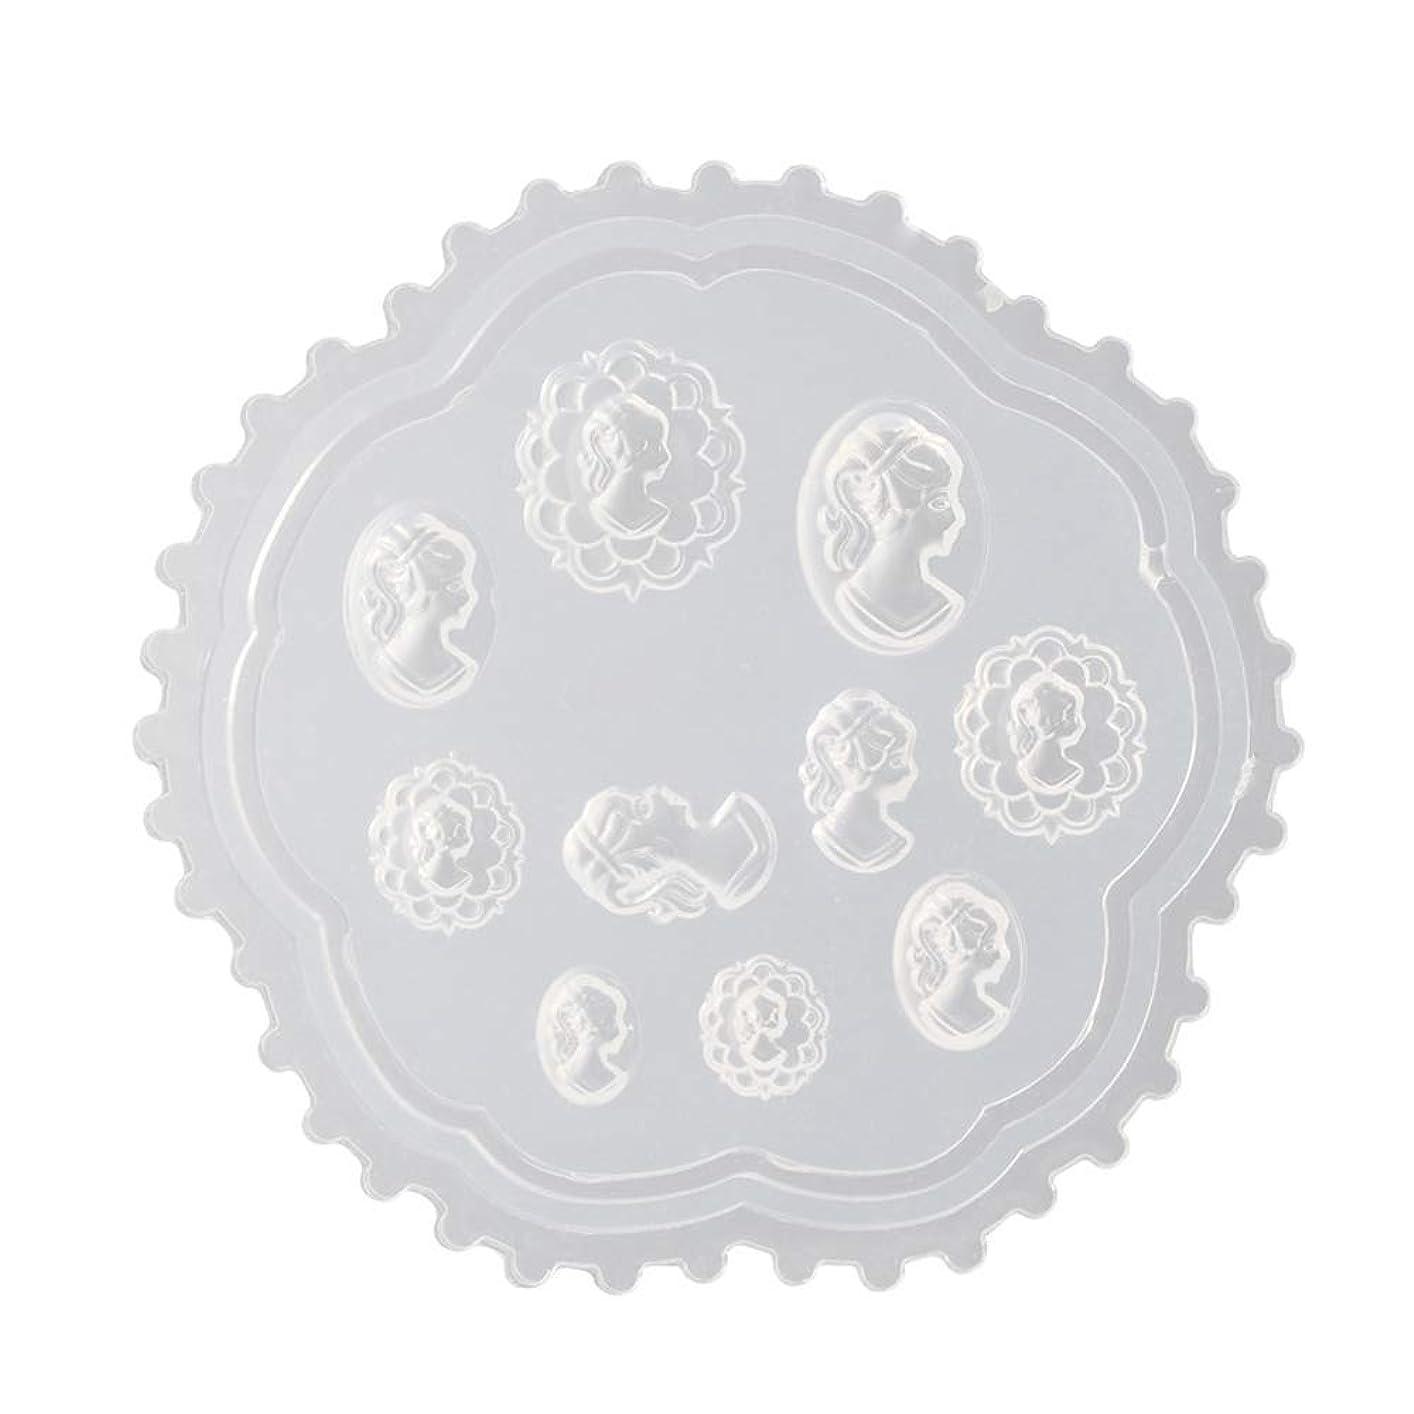 後世哲学的波Aomgsd 3Dシリコンモールド ネイル 3Dネイル用 レジンモールド UVレジン ネイルパーツ ジェル ネイル セット アクセサリー パーツ 作成 葉 花 抜き型 (2)